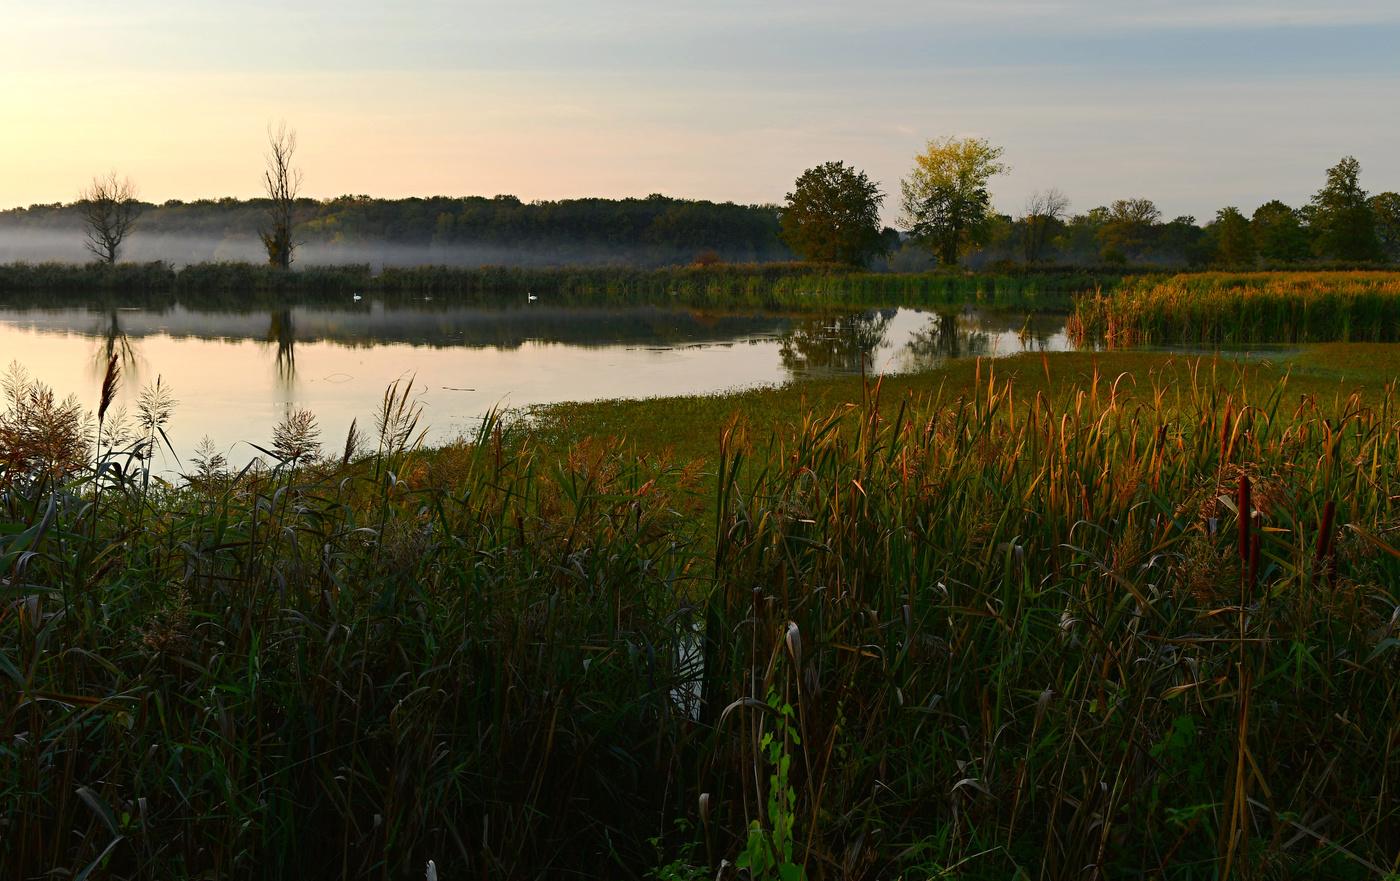 Odpoledne u rybníka